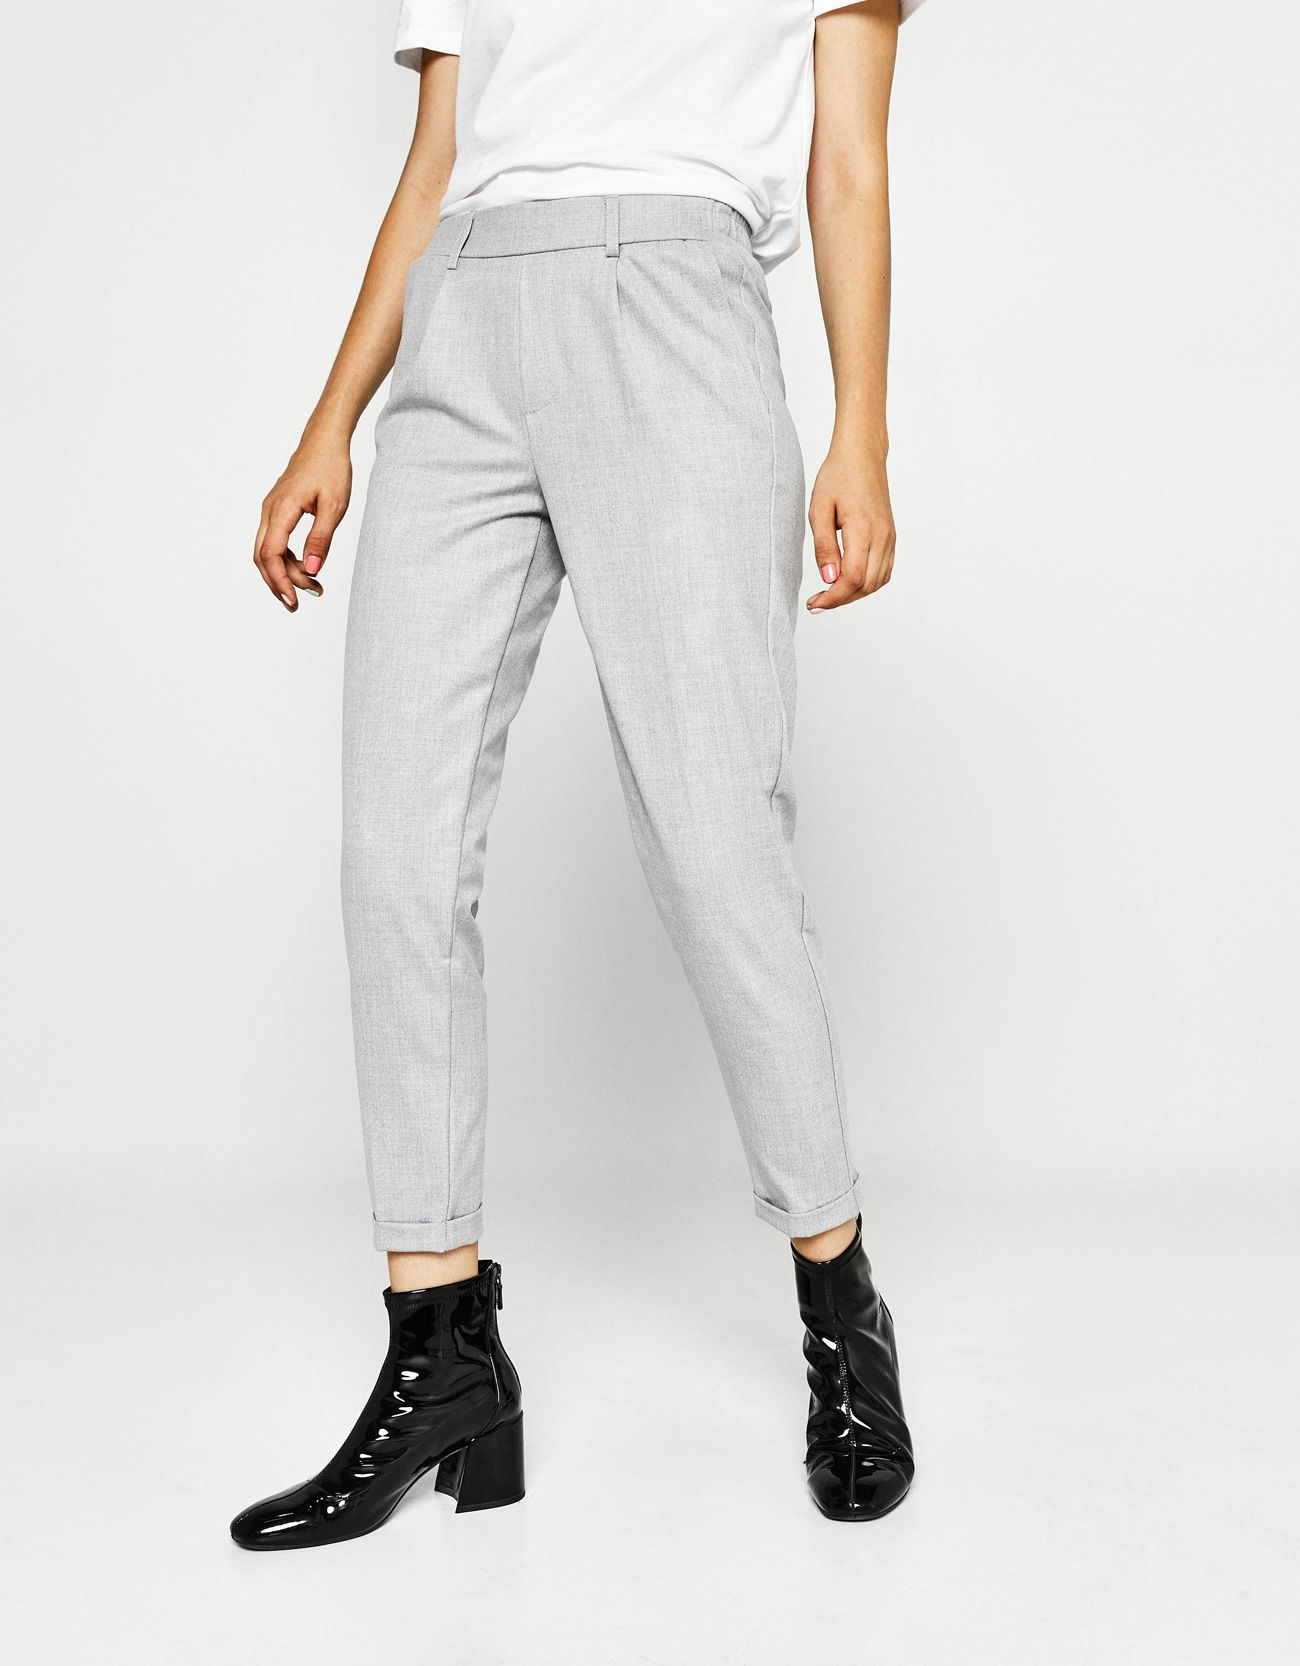 314942cb08 19,90 Bershka Pantaloni confezione jogger con pinces. | Want to Wear ...